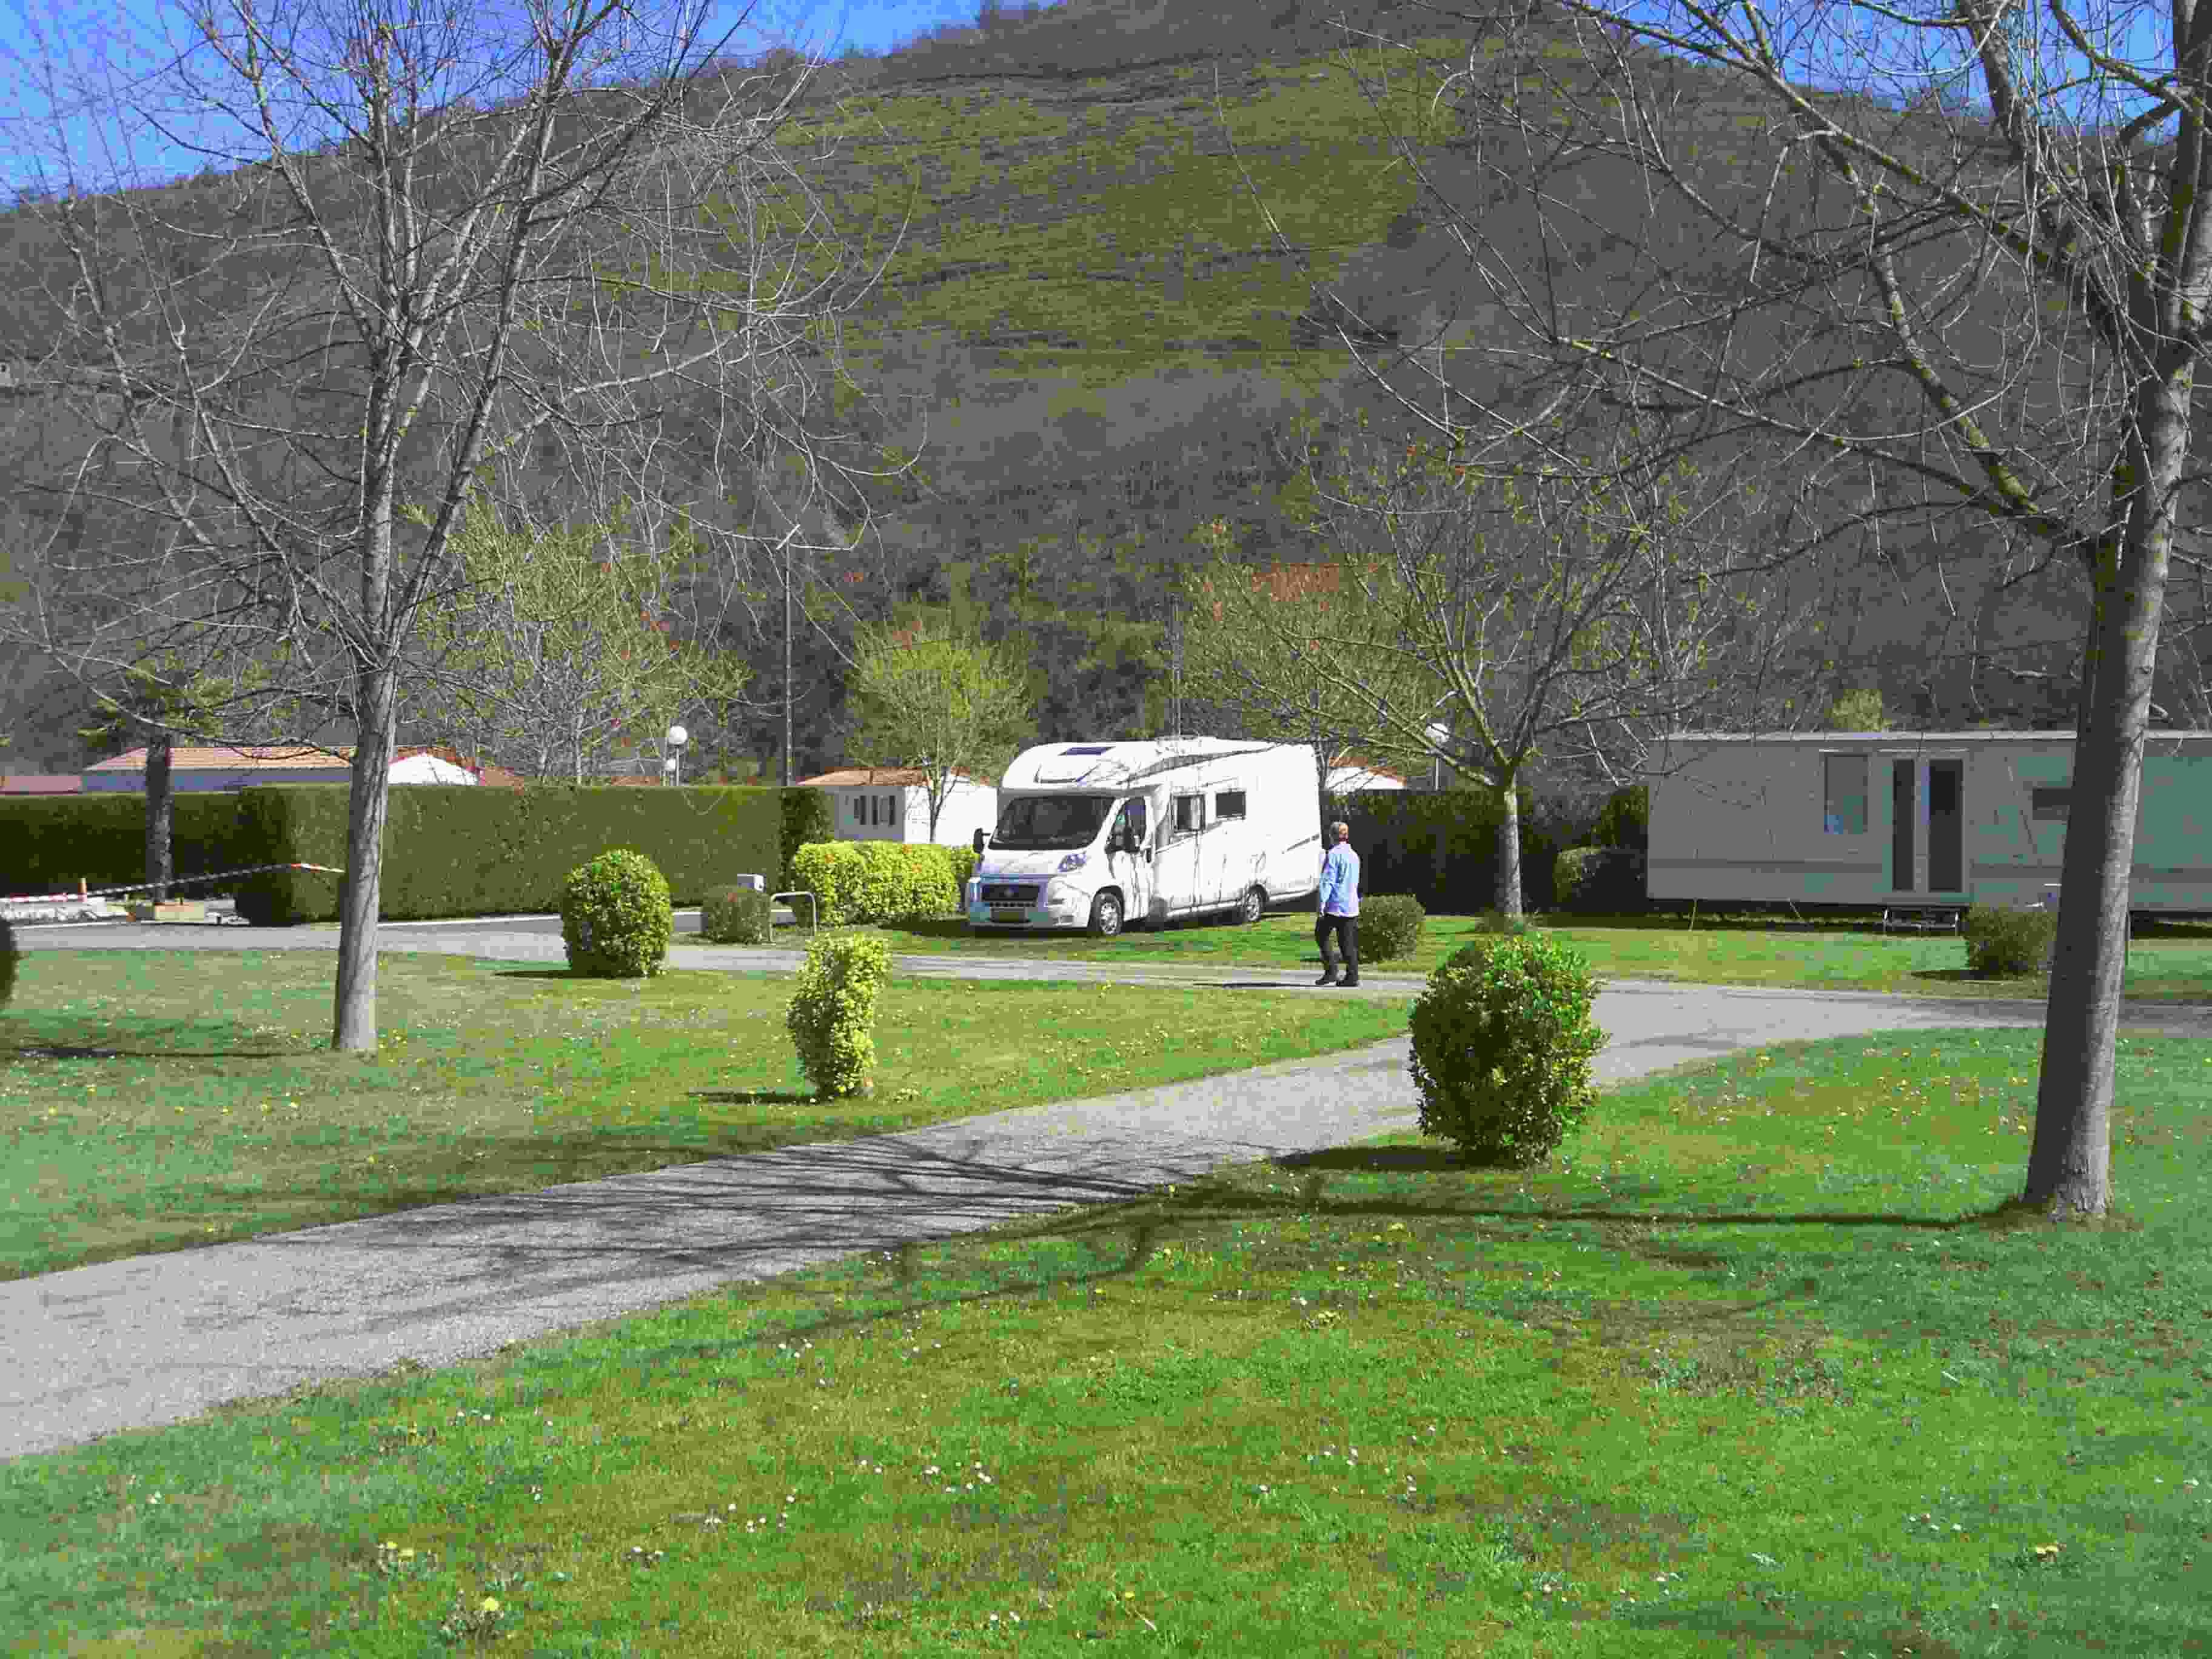 Op weg naar roncevalles dag 3 te voet naar santiago de compostela - Europ camping st jean pied de port ...